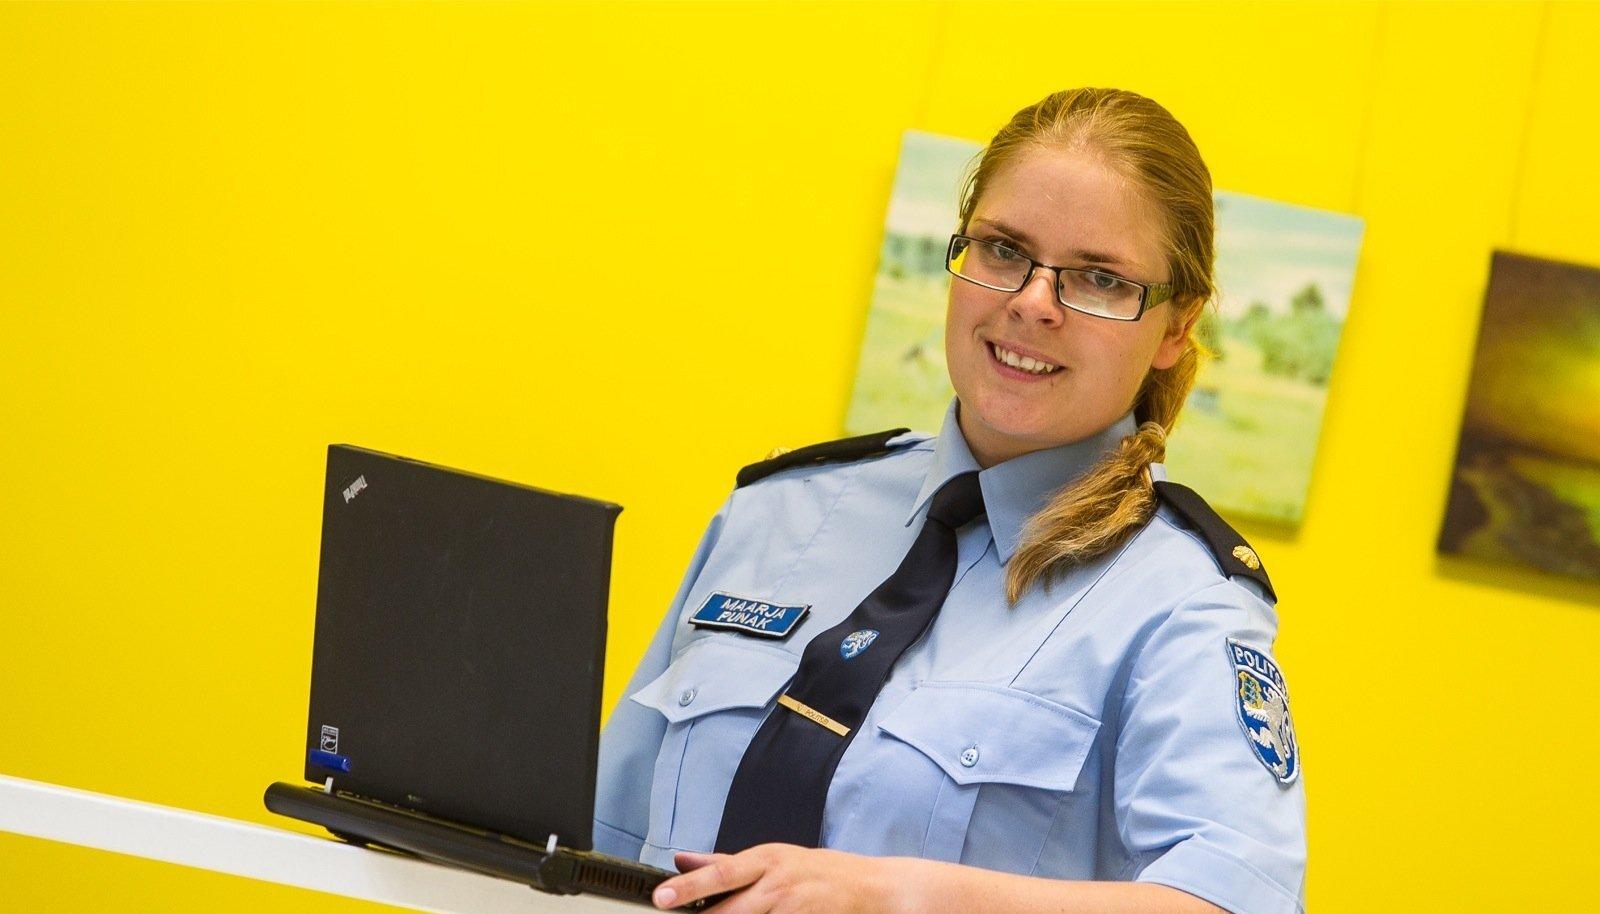 PPA kommunikatsioonibüroo politseileitnandi Maarja Punaku sõnul antakse ahistavast jälitamisest politseile teada varasemast rohkem.